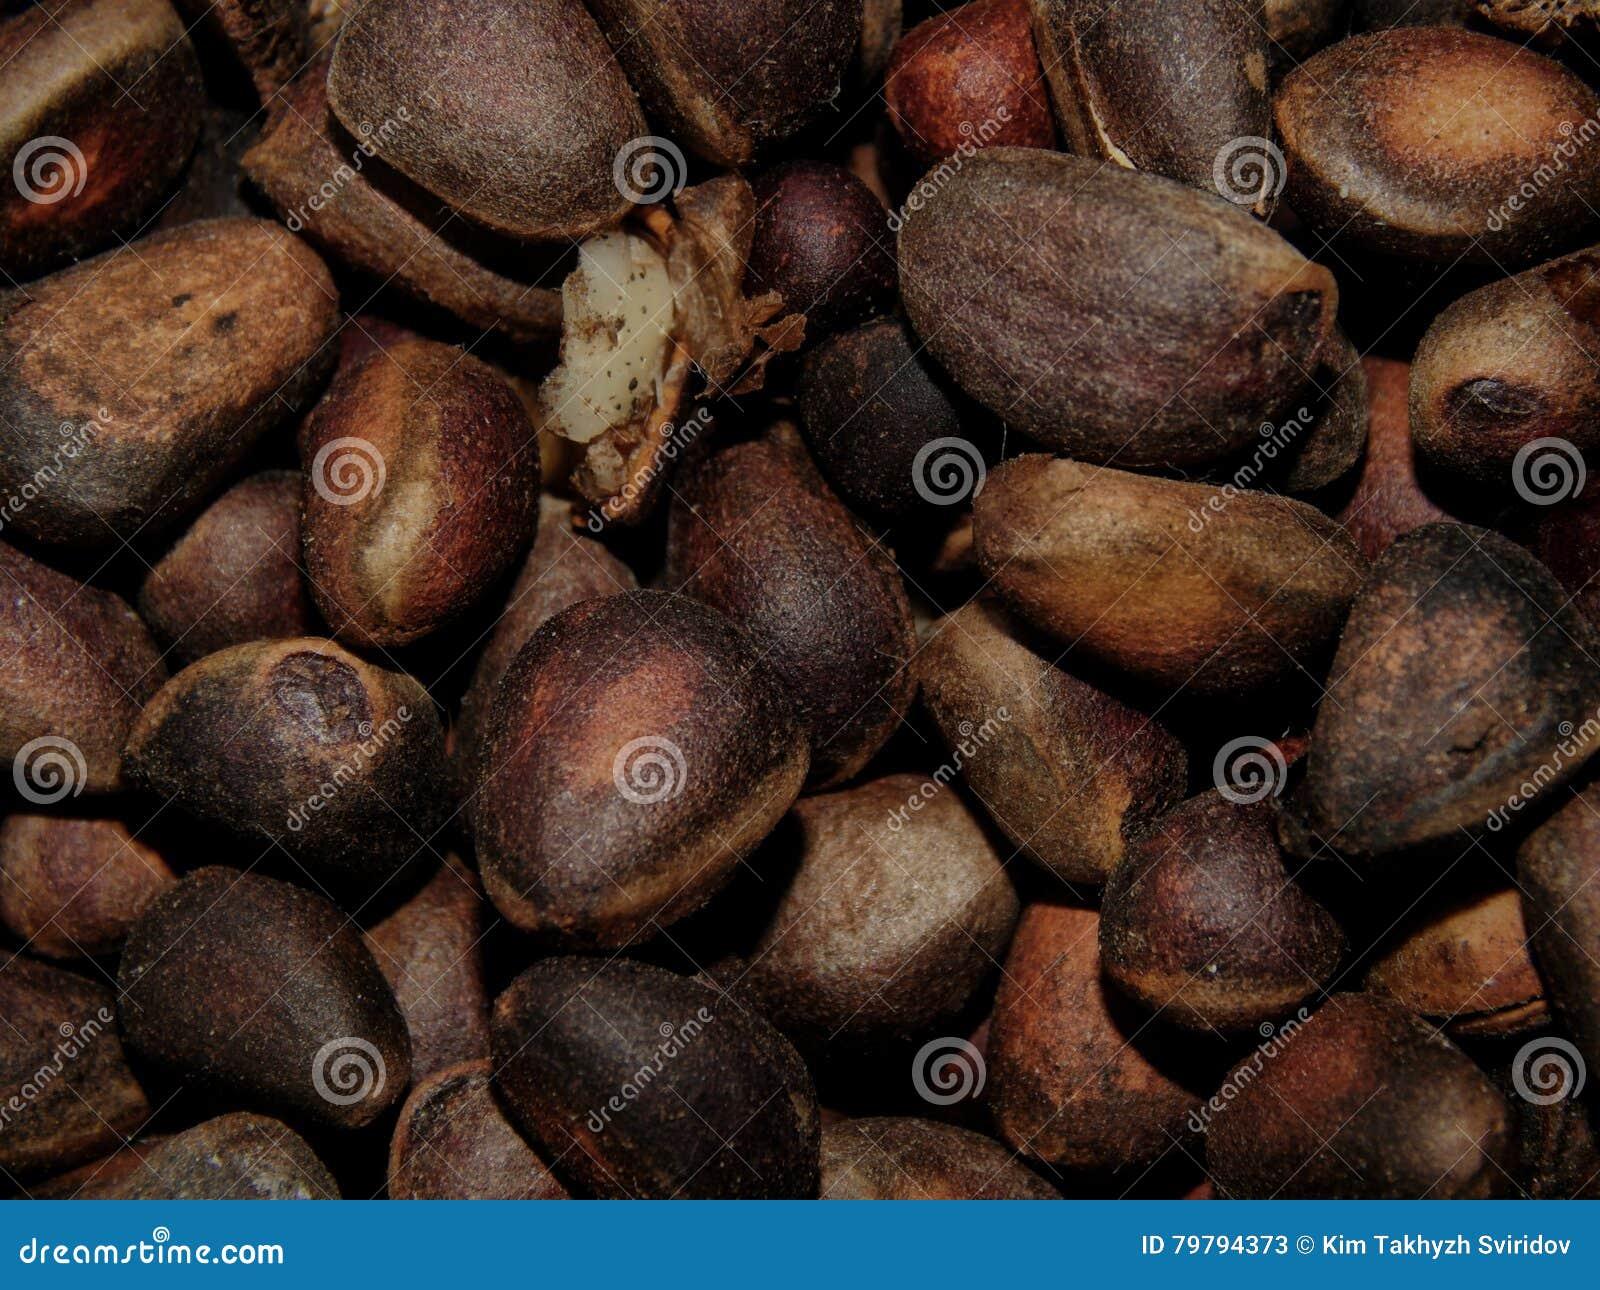 Delicious pine nuts